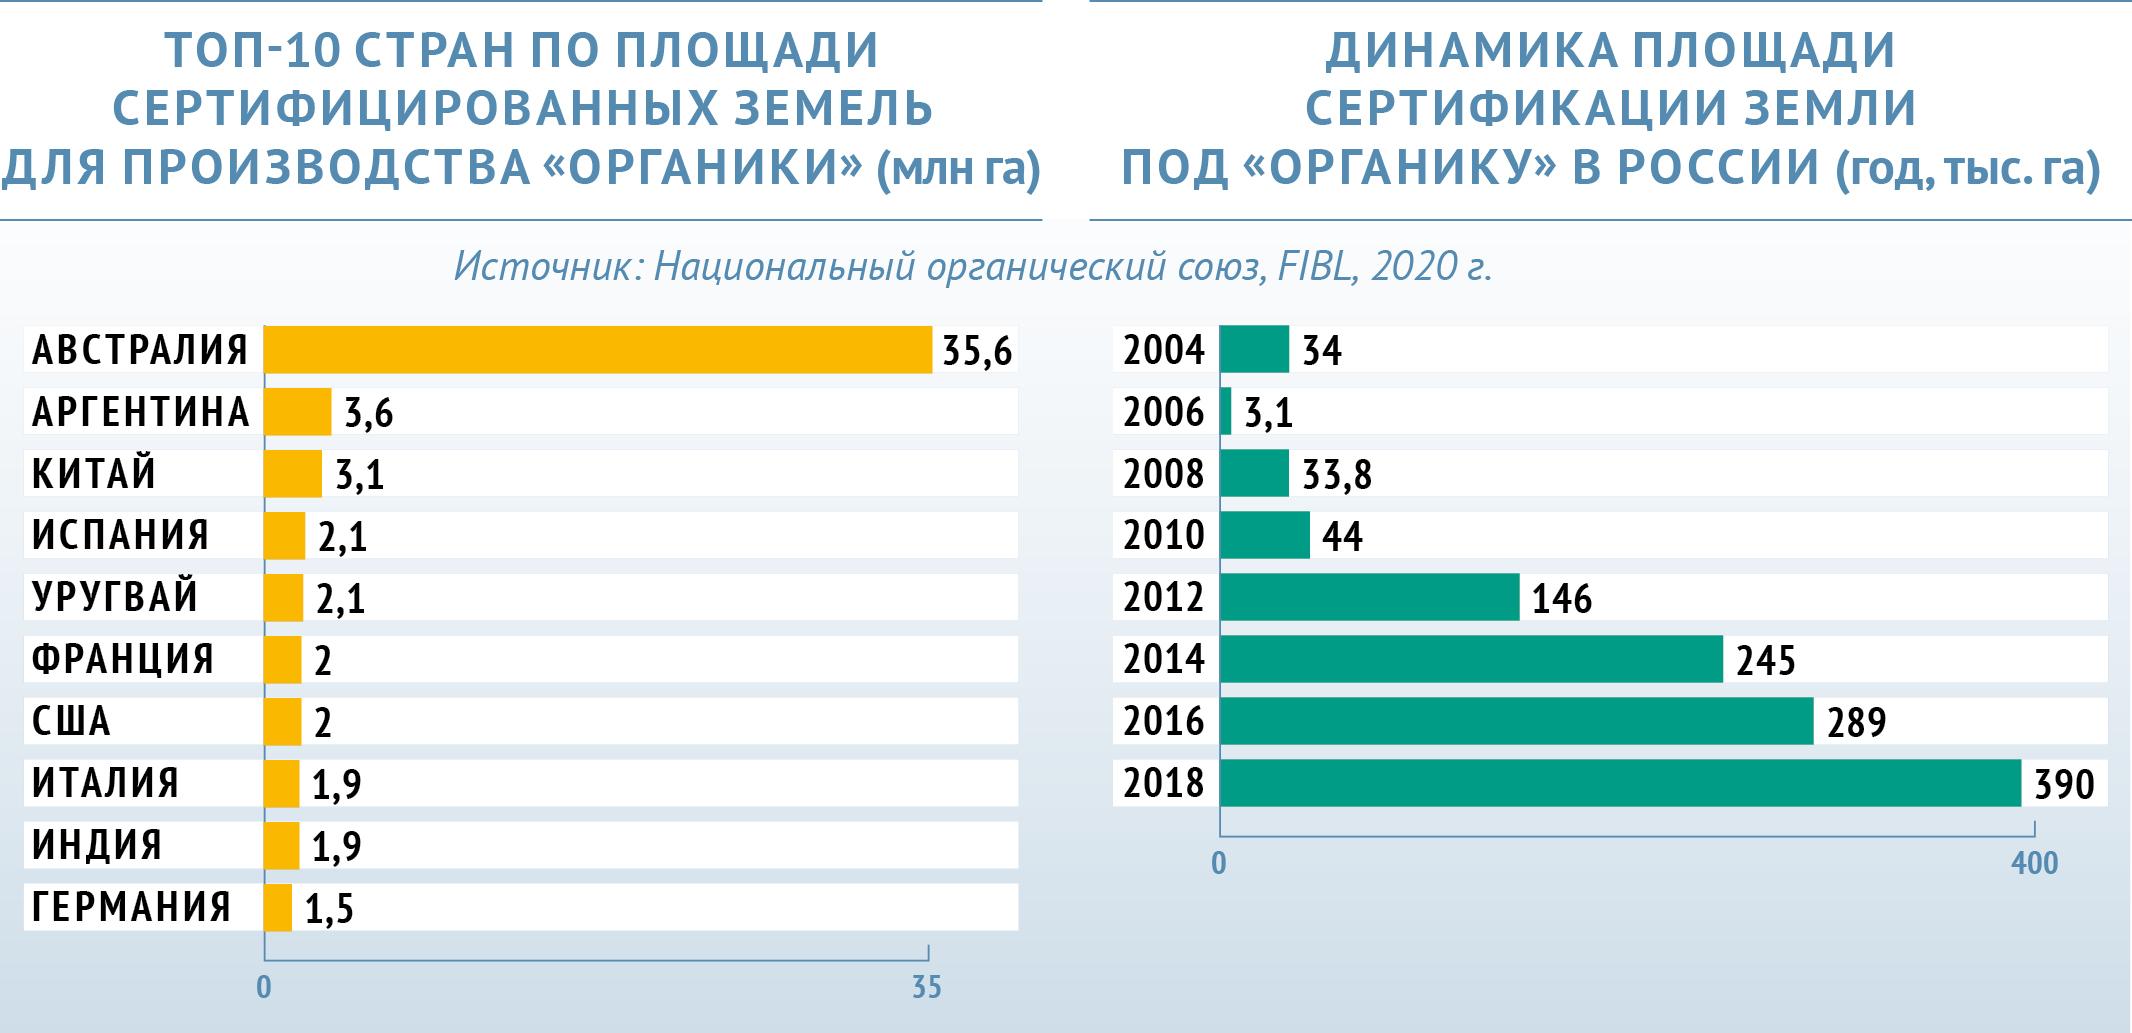 россия занимает 5 место по производству